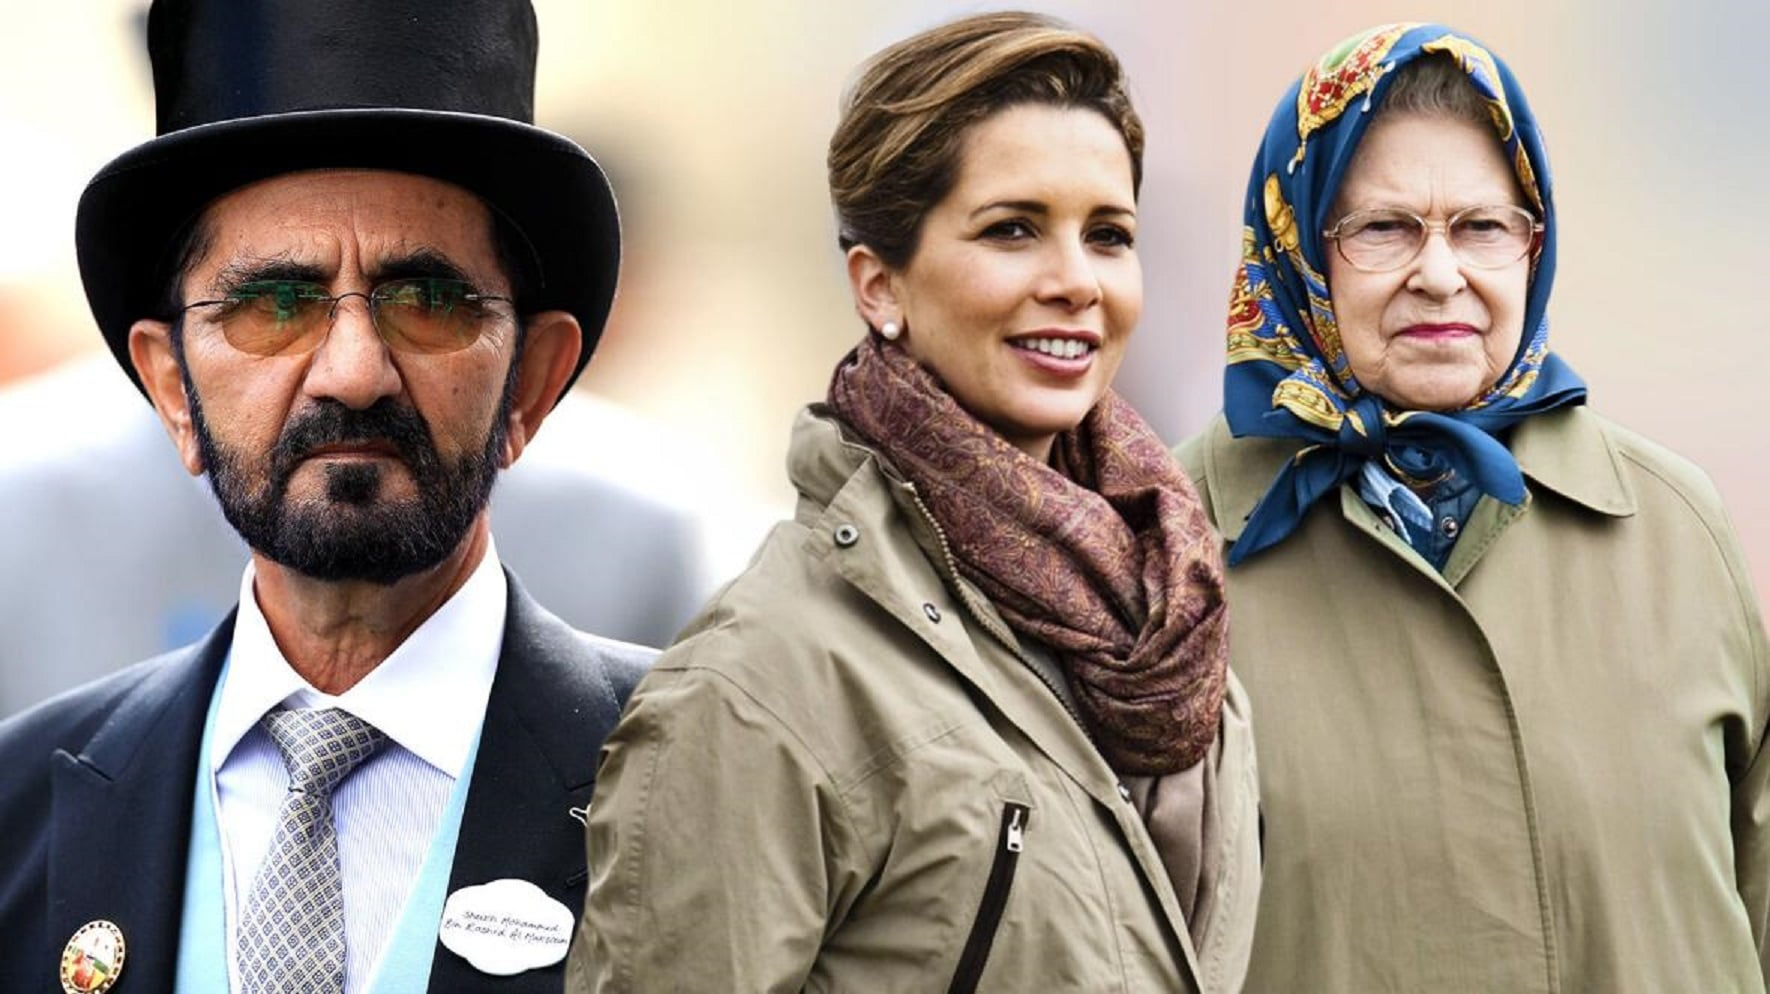 محمد بن راشد قدم رشاوى لبريطانيين للتغطية على فضائحه